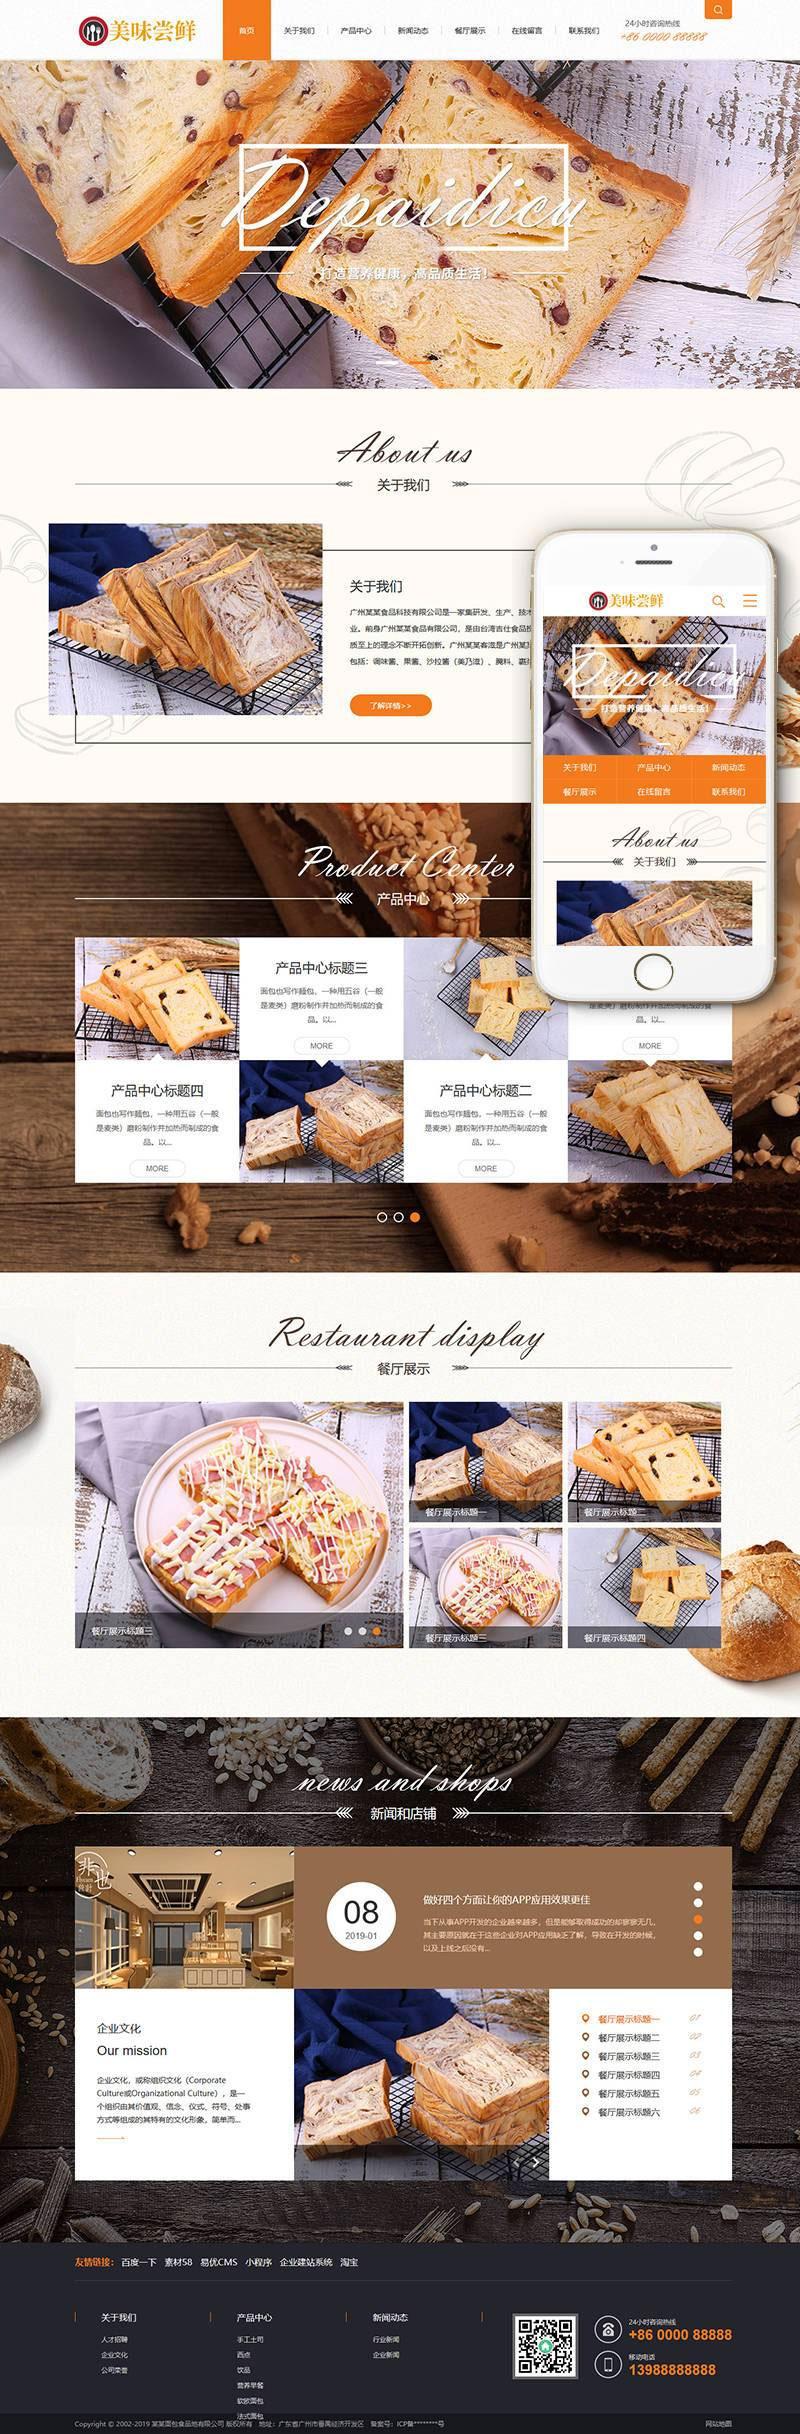 织梦dedecms蛋糕面包食品公司网站模板php源码下载(带手机移动端)